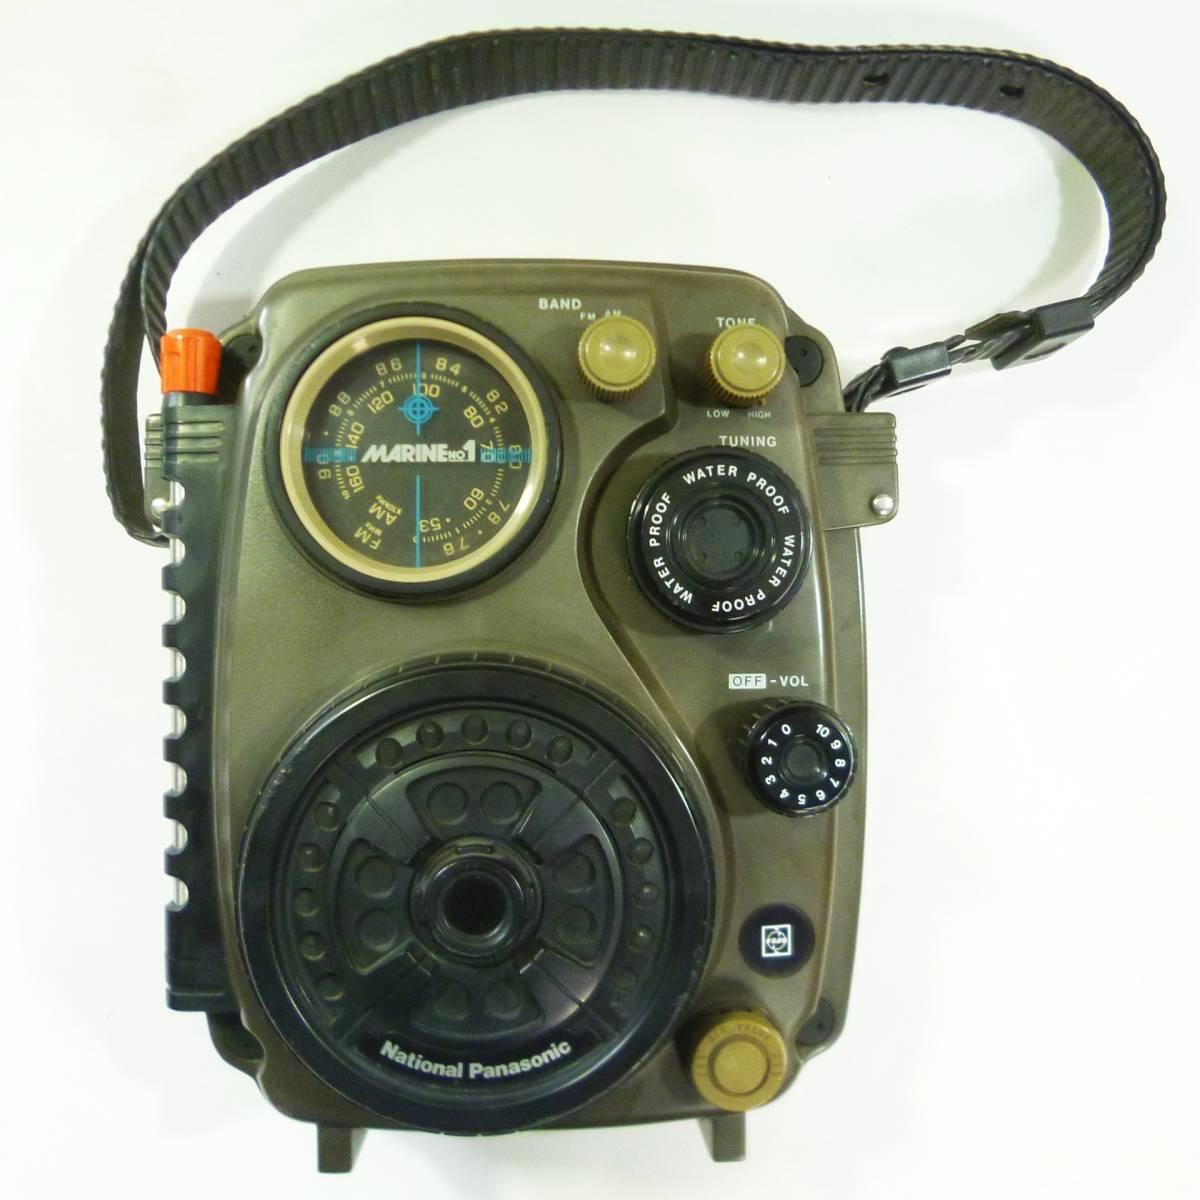 National Panasonic ナショナル パナソニック RF-622 MARINE